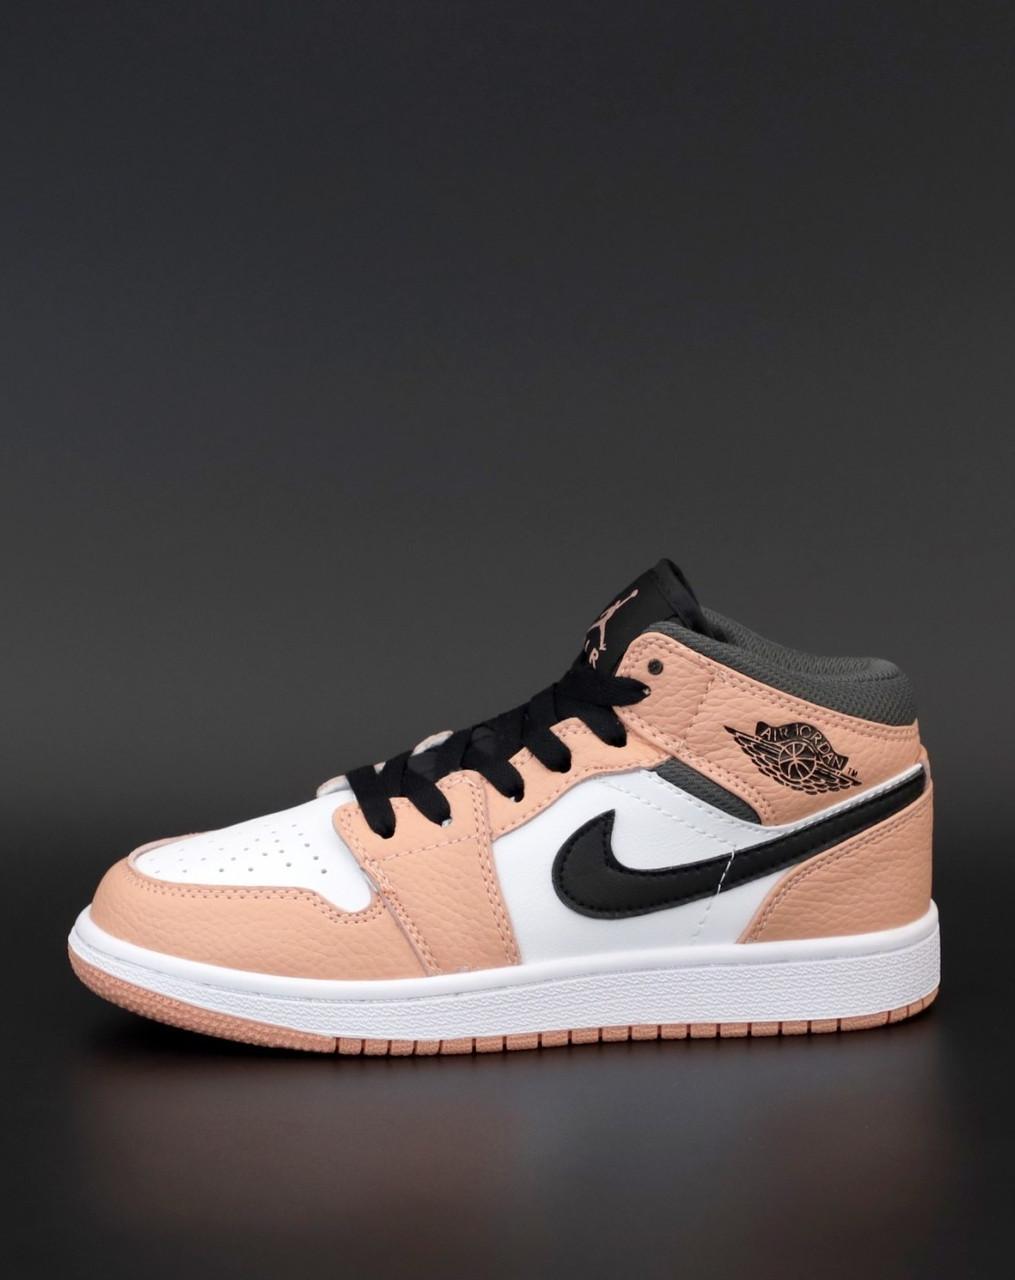 Женские кроссовки Nike Air Jordan 1 Retro Найк Джордан